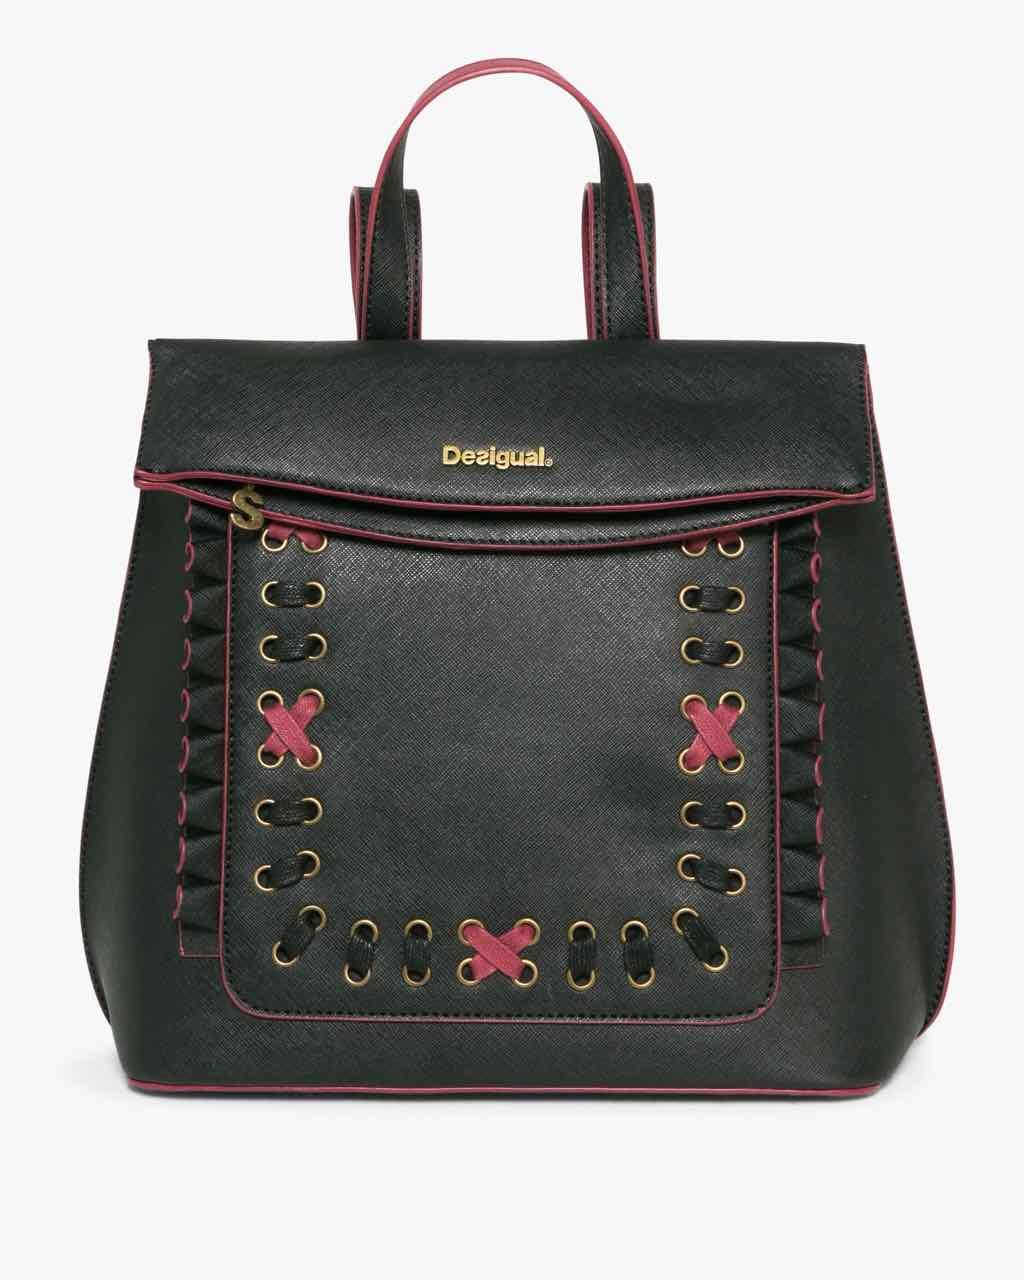 17WAXPRN_2000 Desigual Bag Vic Eyelike Buy Online